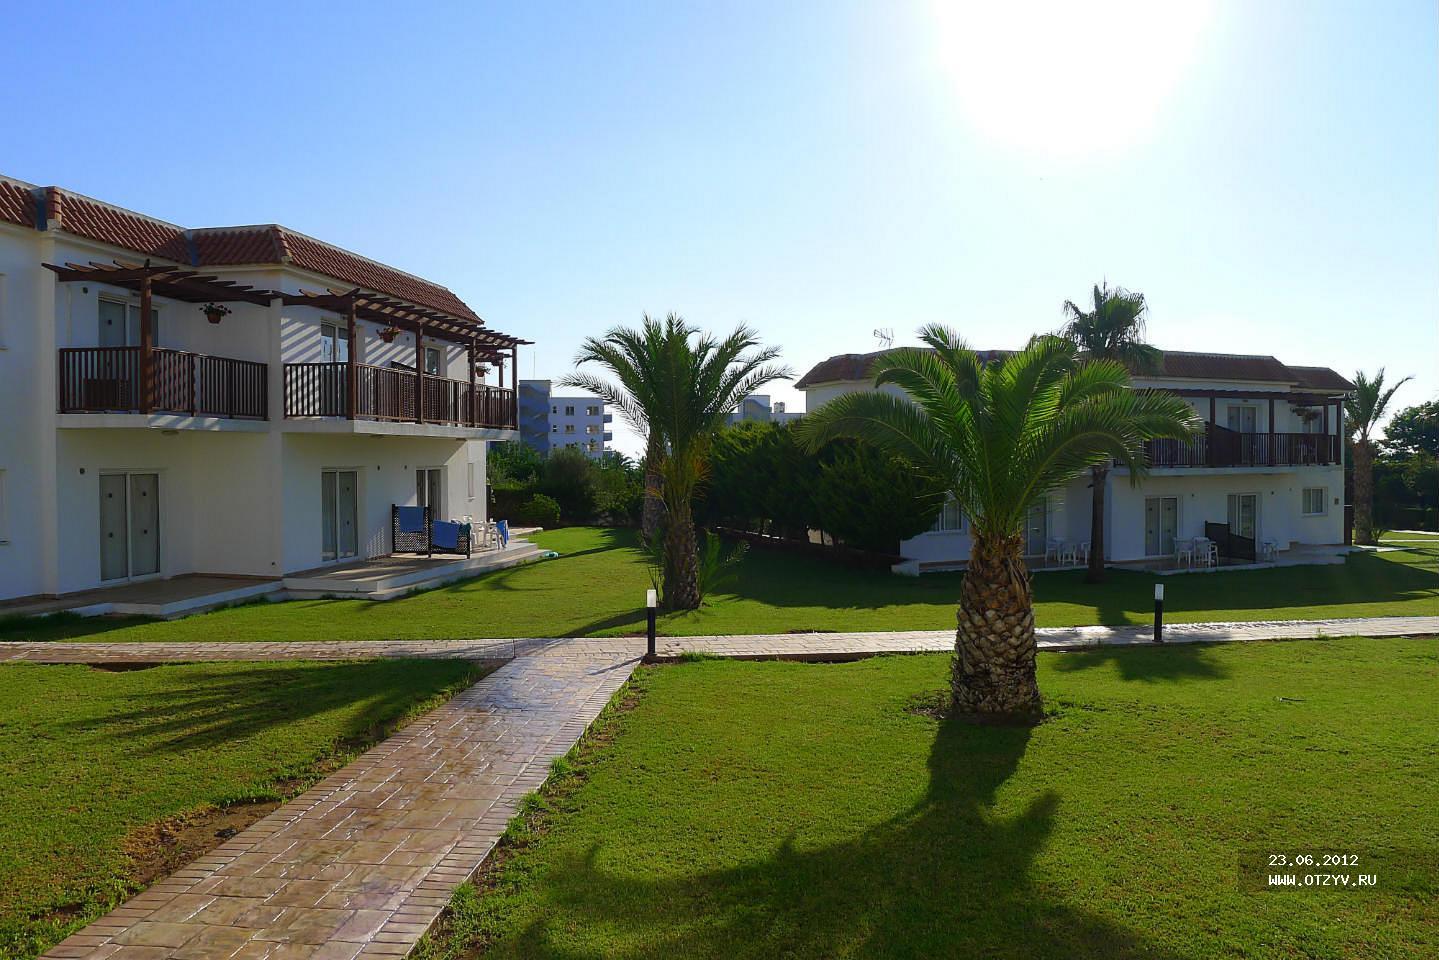 Hotel Maistros Hotel Apts Class A 4 (Cyprus, Protaras): description, reviews 49